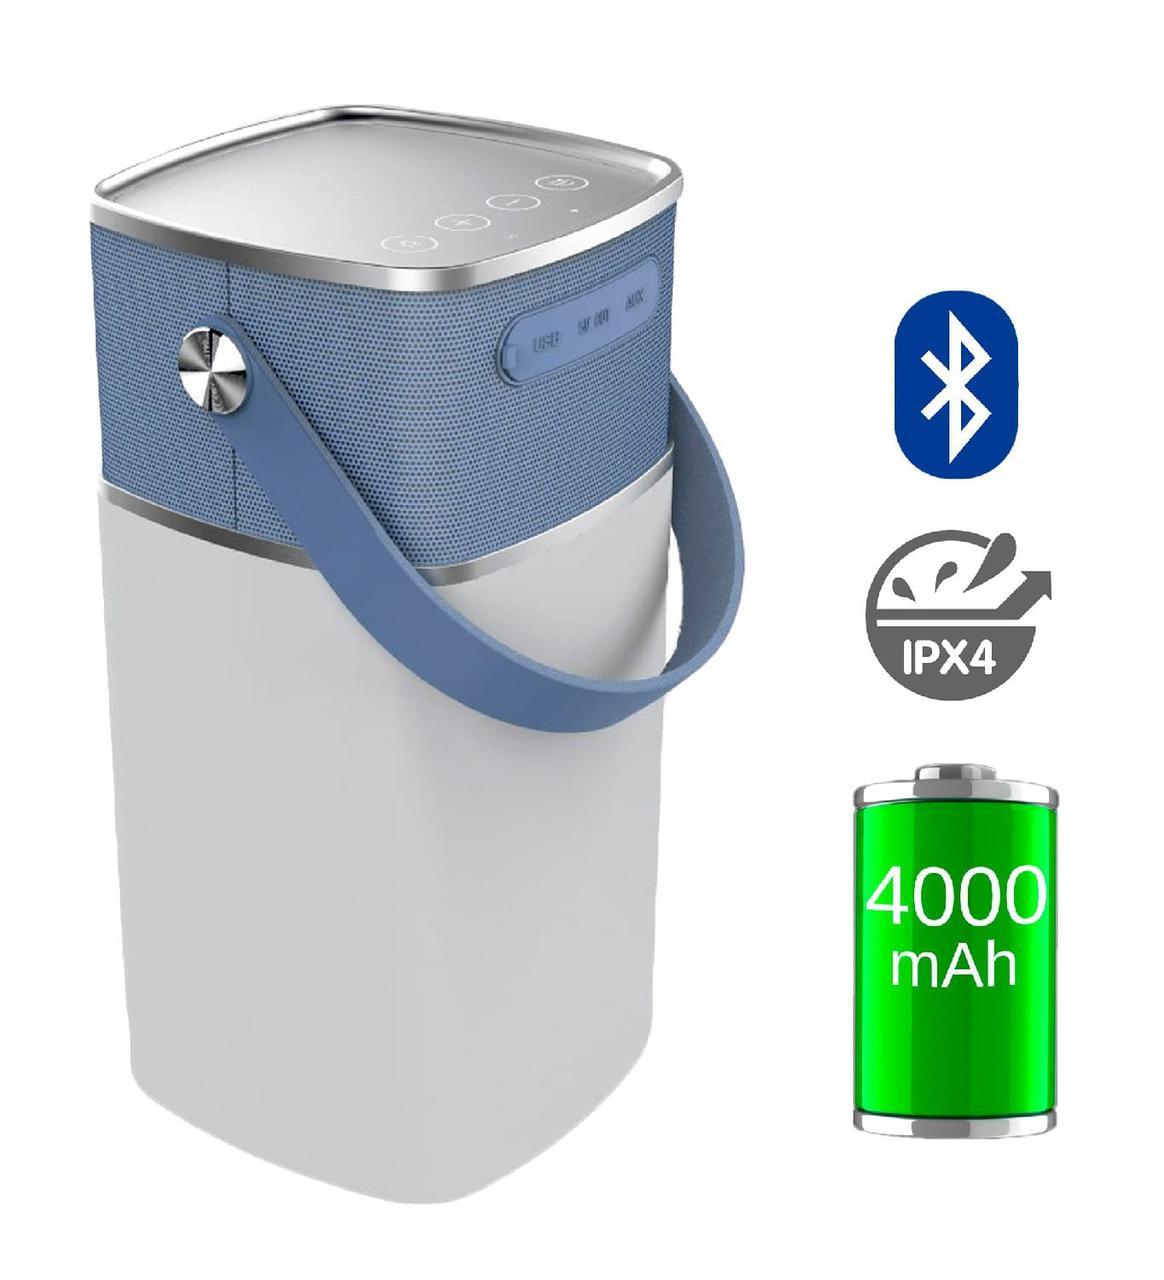 Портативная колонка c подсветкой NOUS H4 с Power Bank Silver